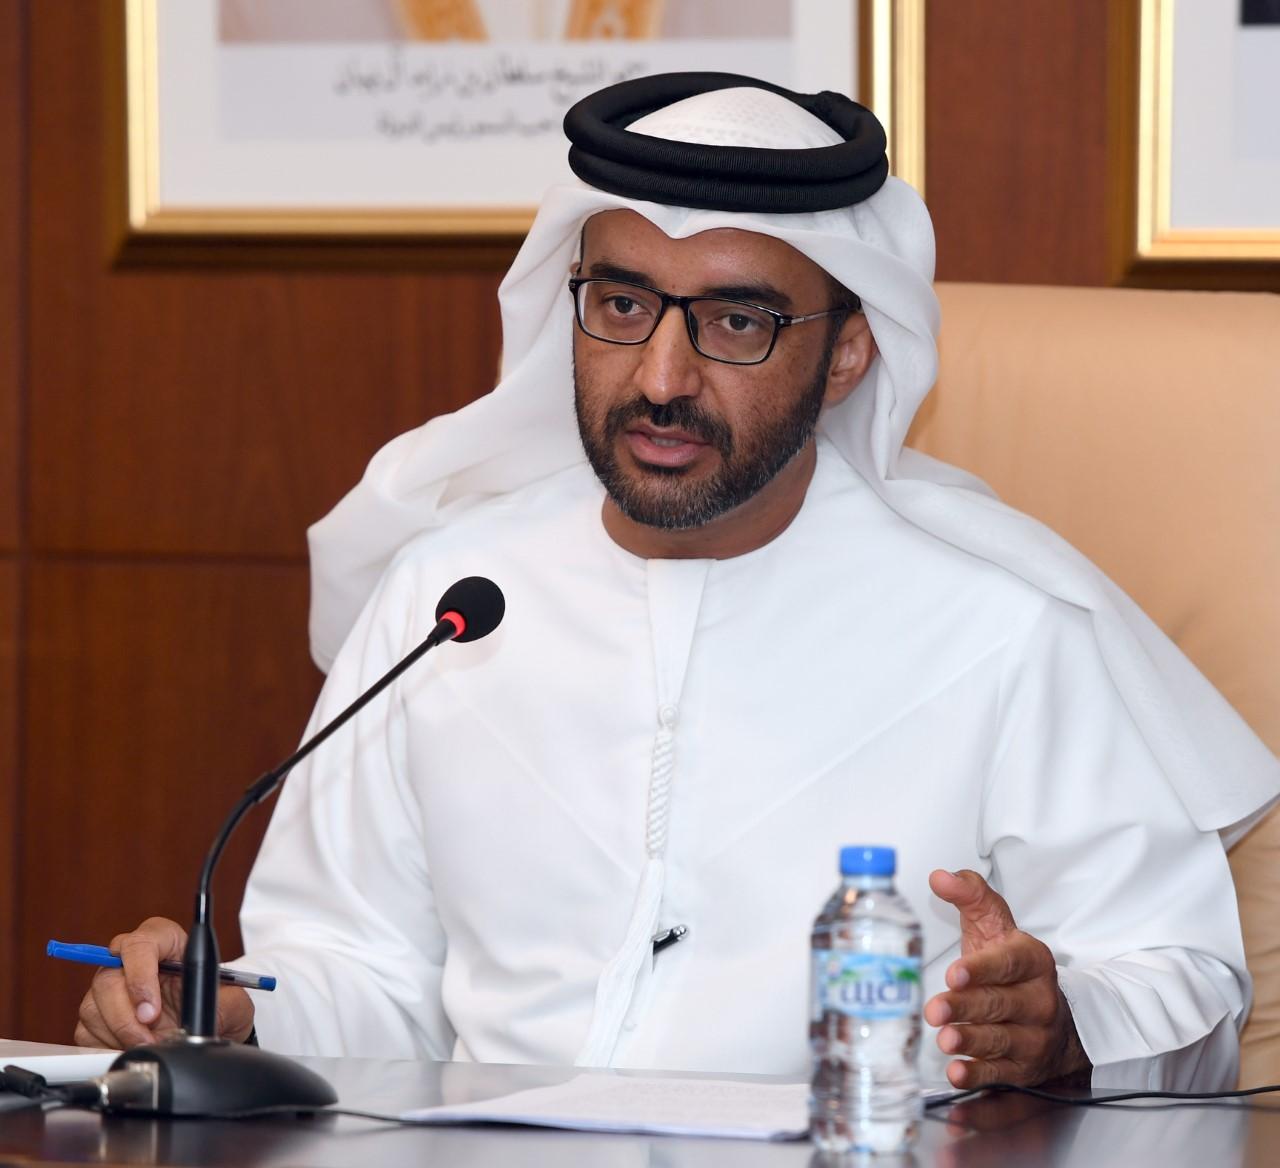 الإمارات ضيف شرف المهرجان الوطني للشباب المبدع بالمغرب